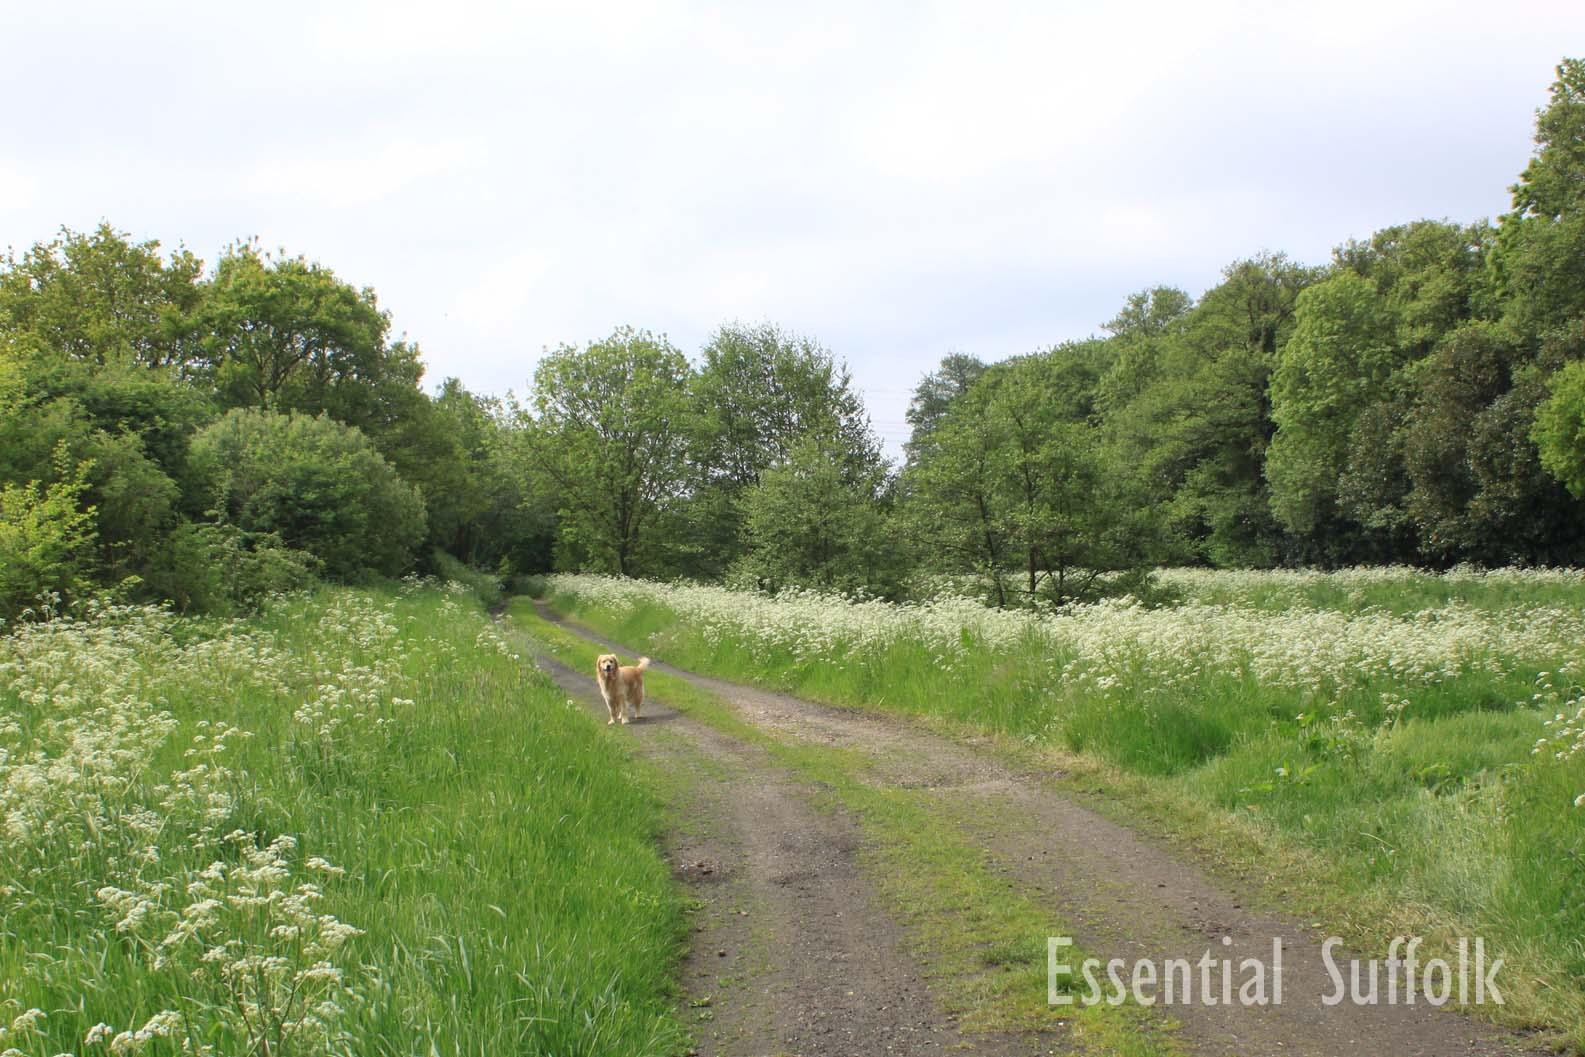 Pettistree Dog Walk04.jpg